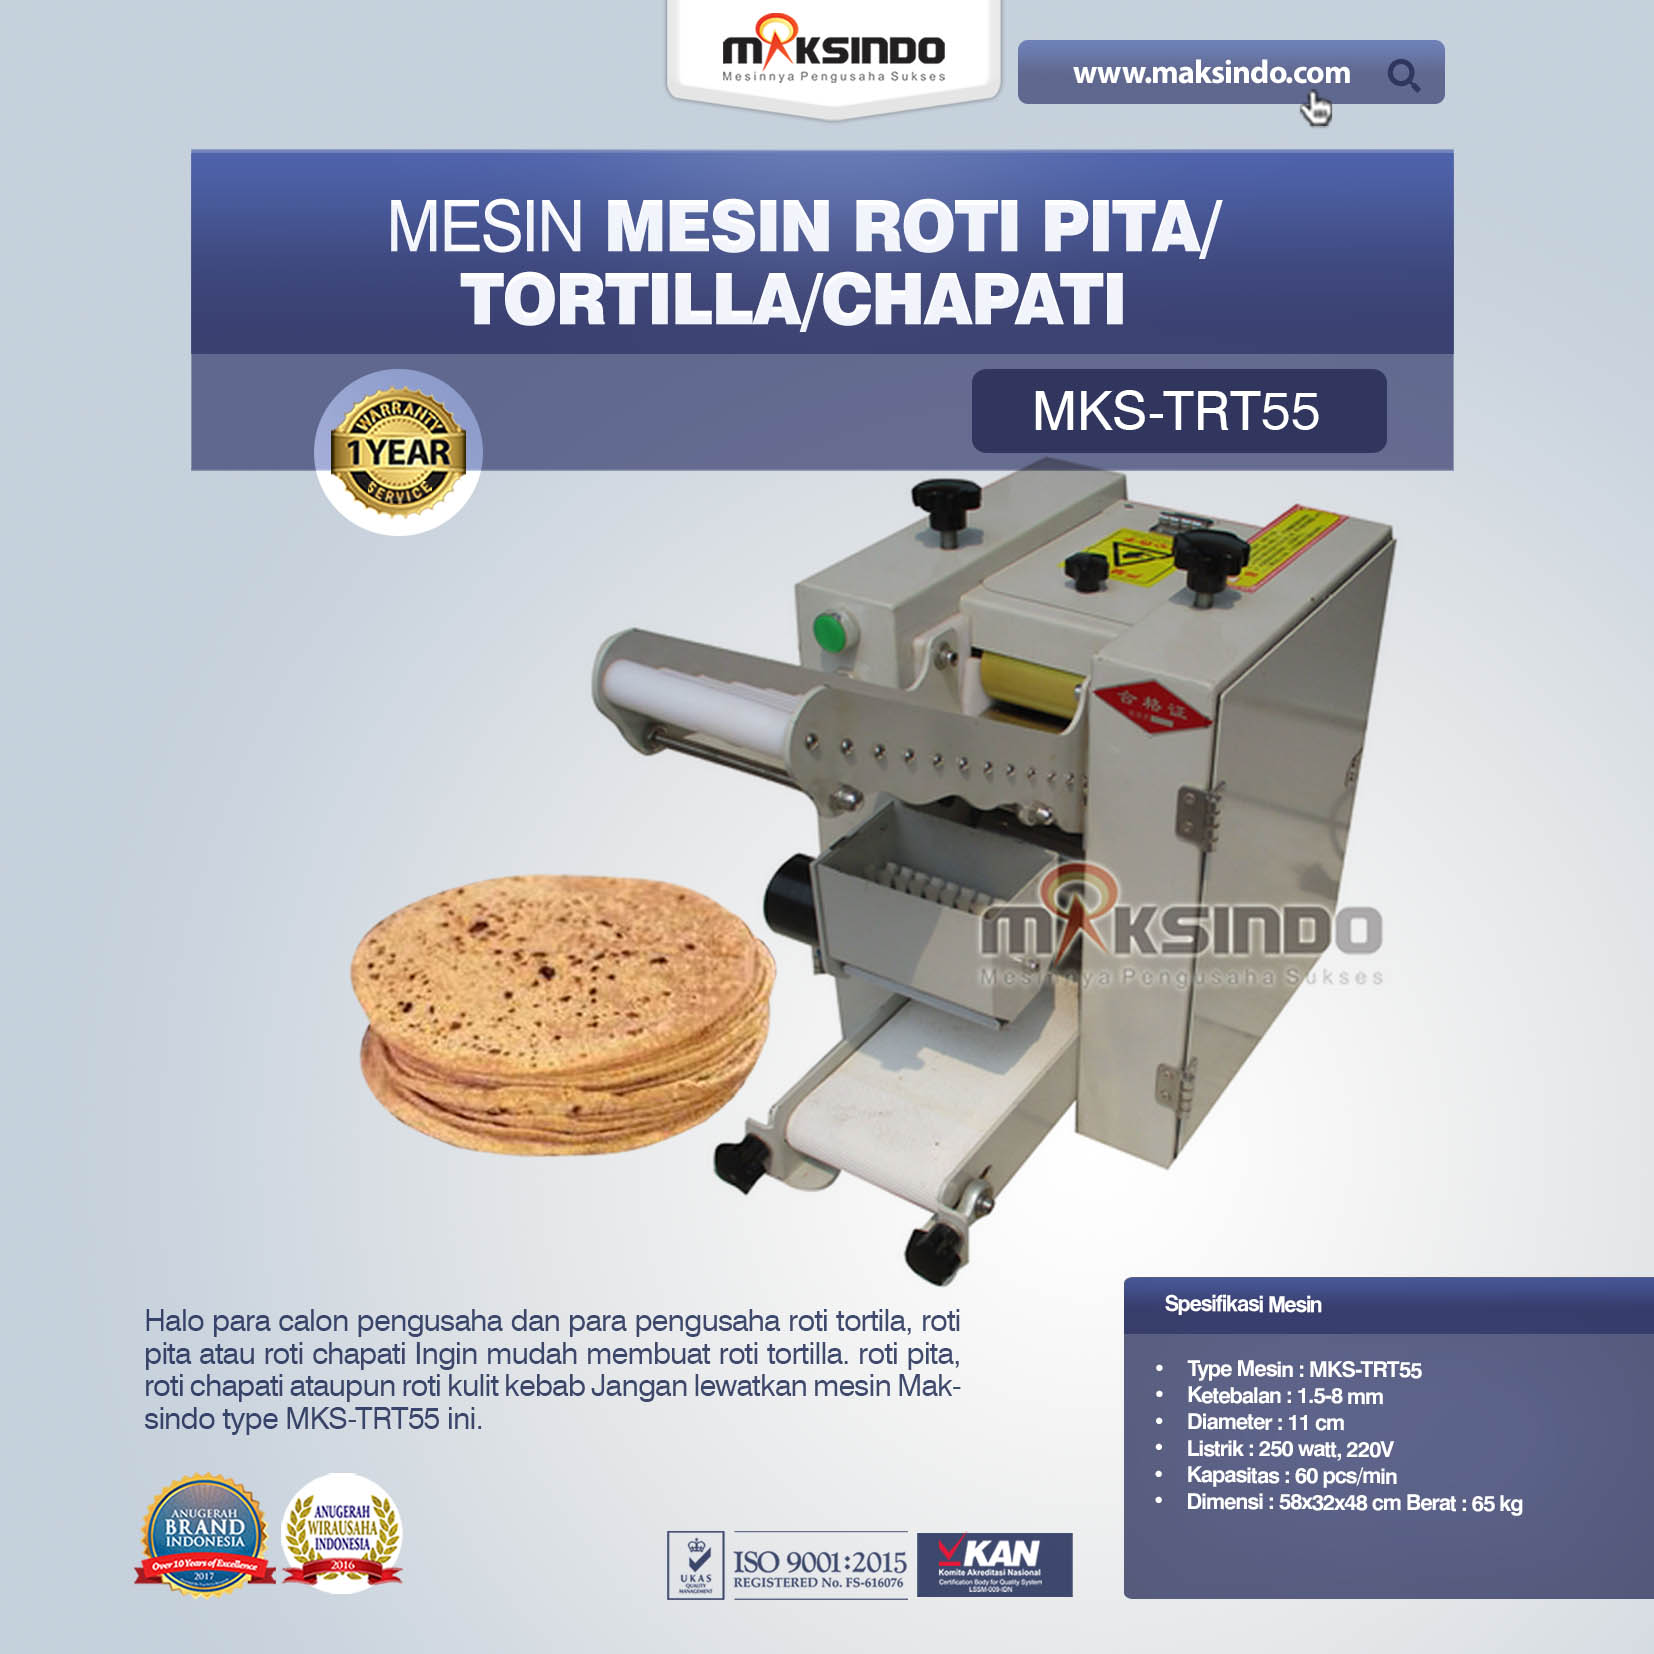 Jual Mesin Roti Pita/Tortilla/Chapati MKS-TRT55 Di Bekasi